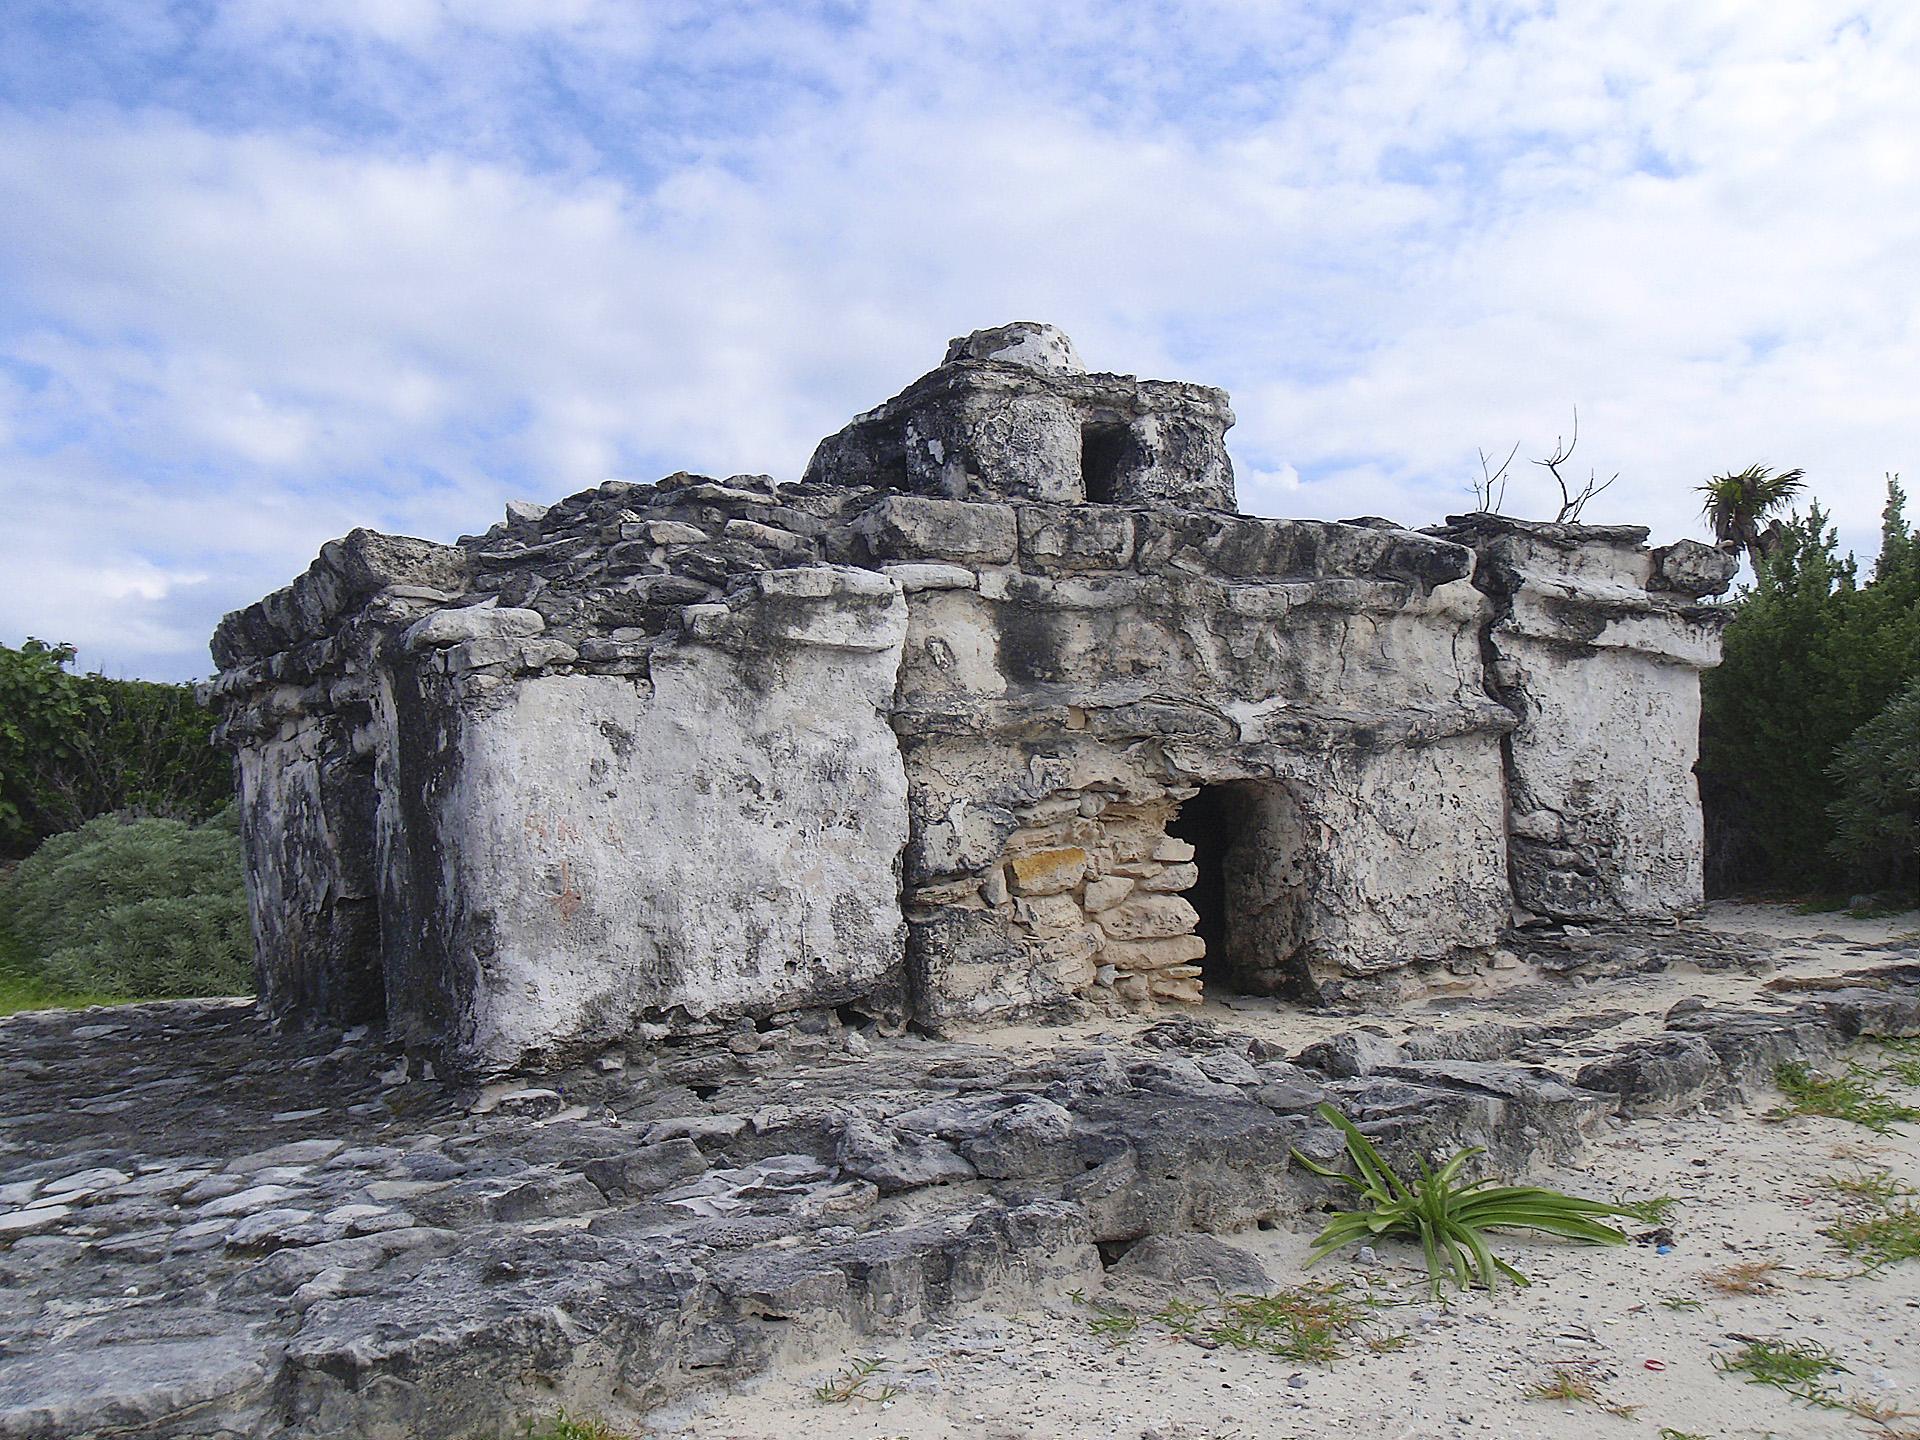 A Mayan ruin on Cozumel